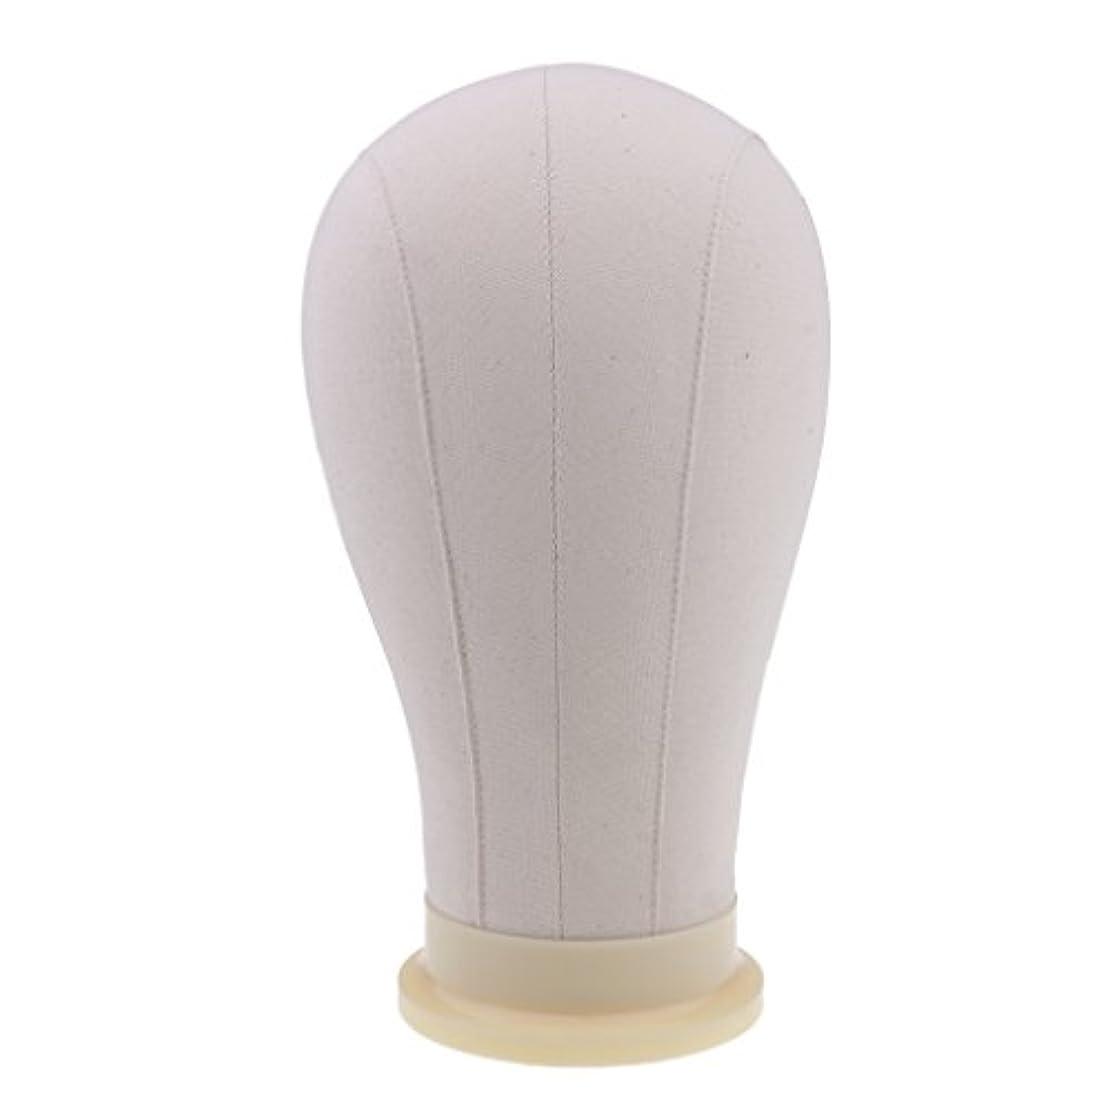 降下眠り債務Toygogo マネキンヘッド ディスプレイ 頭部モデル かつら 帽子 メガネ 展示 ホルダー 4サイズ - 23インチ